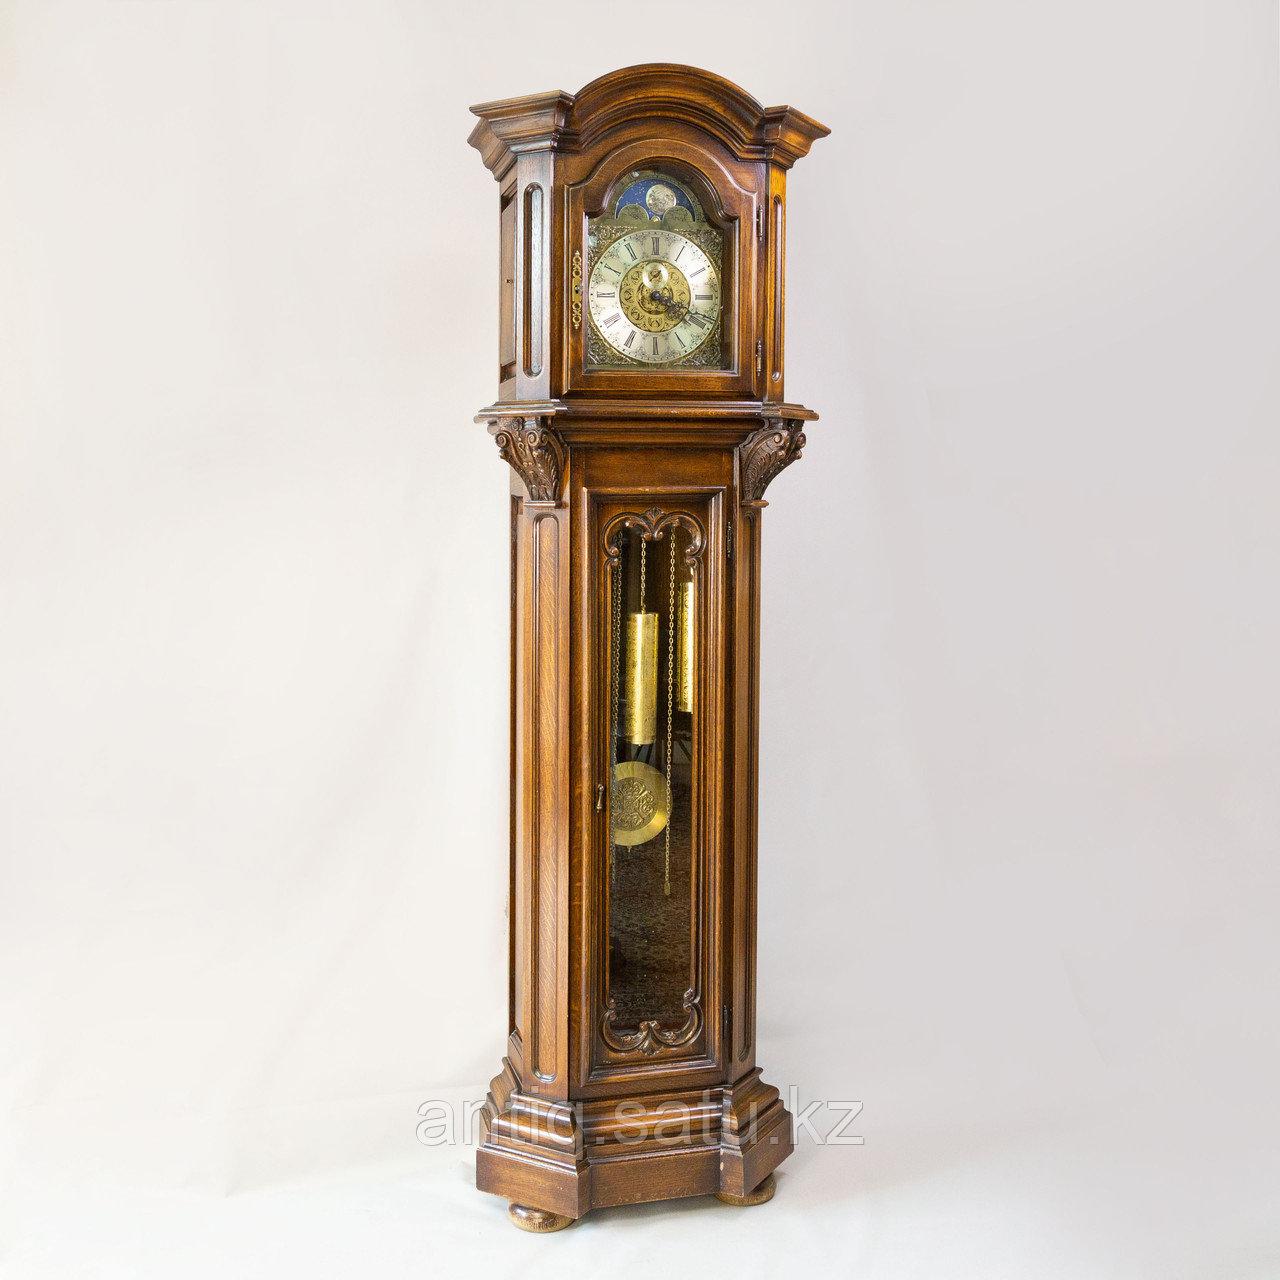 Напольные часы URGOS Германия - фото 2